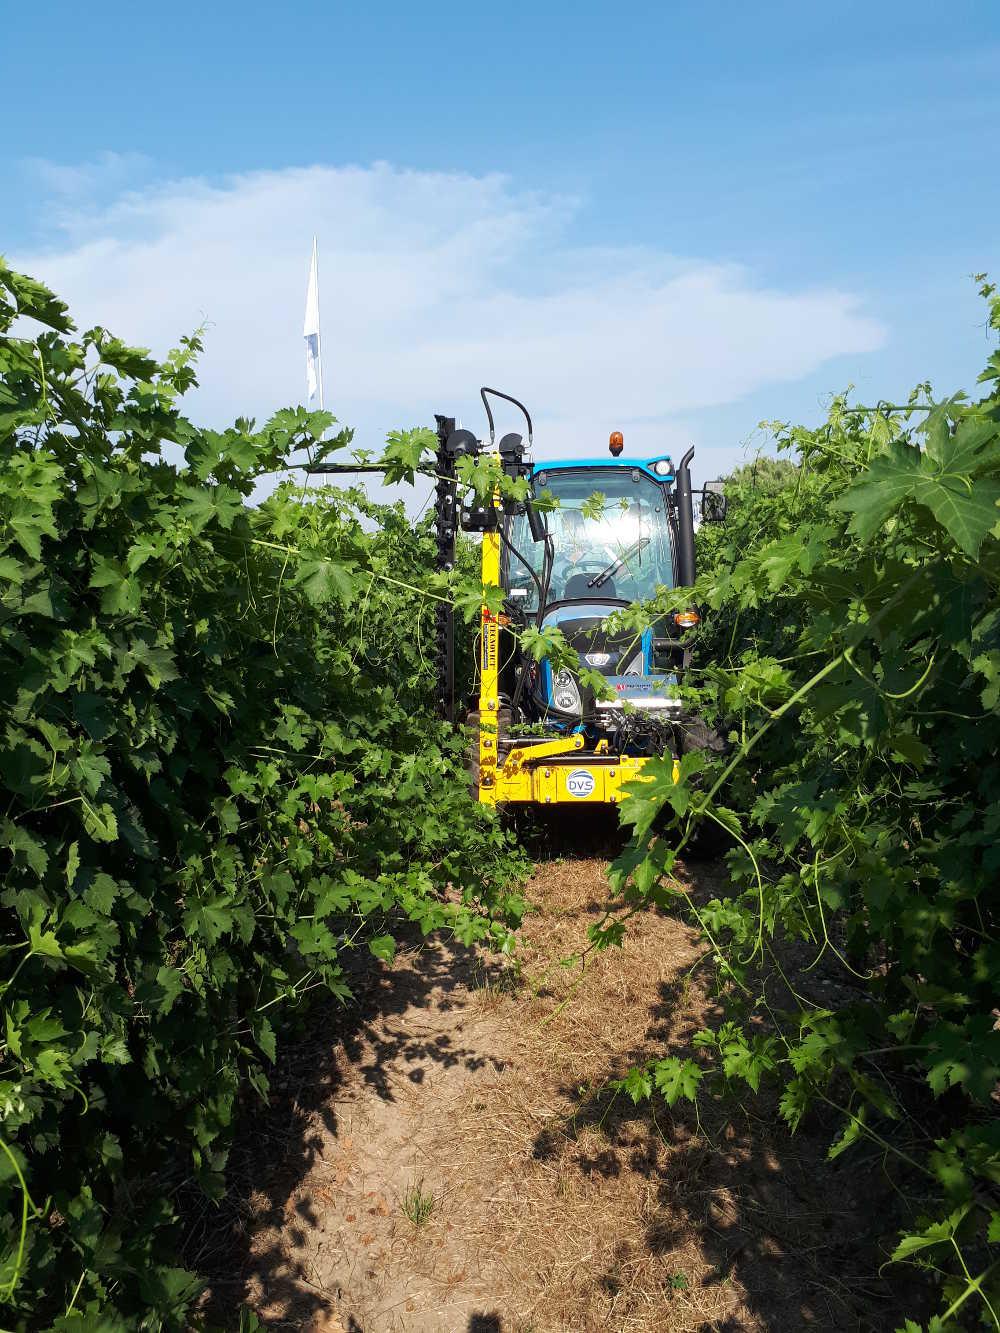 Agricoltura di precisione per uno sviluppo sostenibile